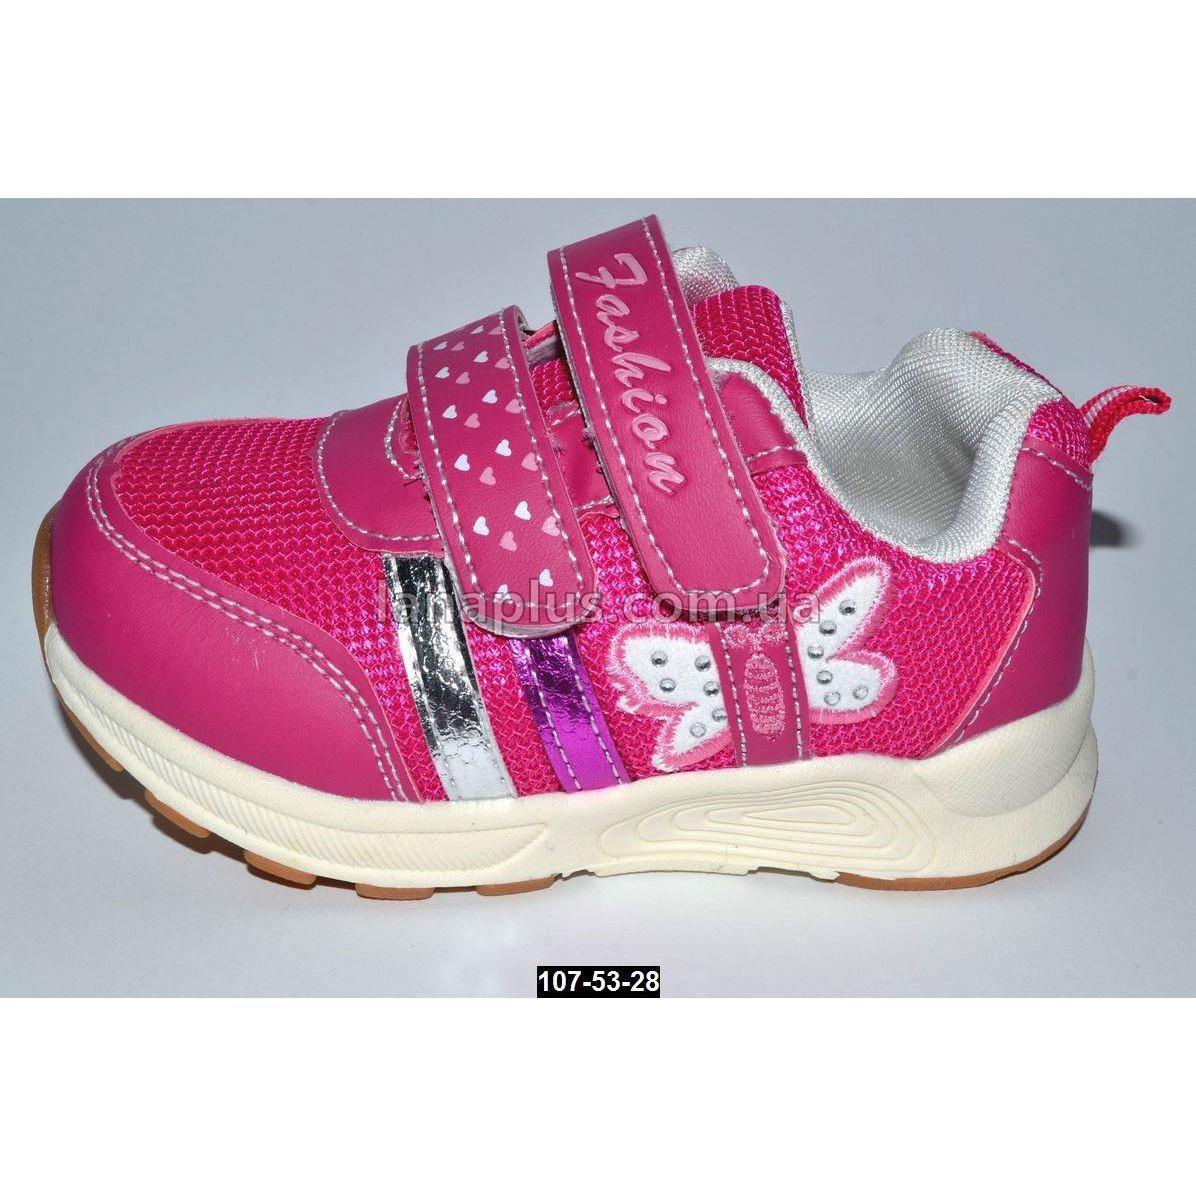 Дышащие кроссовки для девочки, 21 размер (13.5 см), Tom.m, кожаная стелька, супинатор, 107-53-28